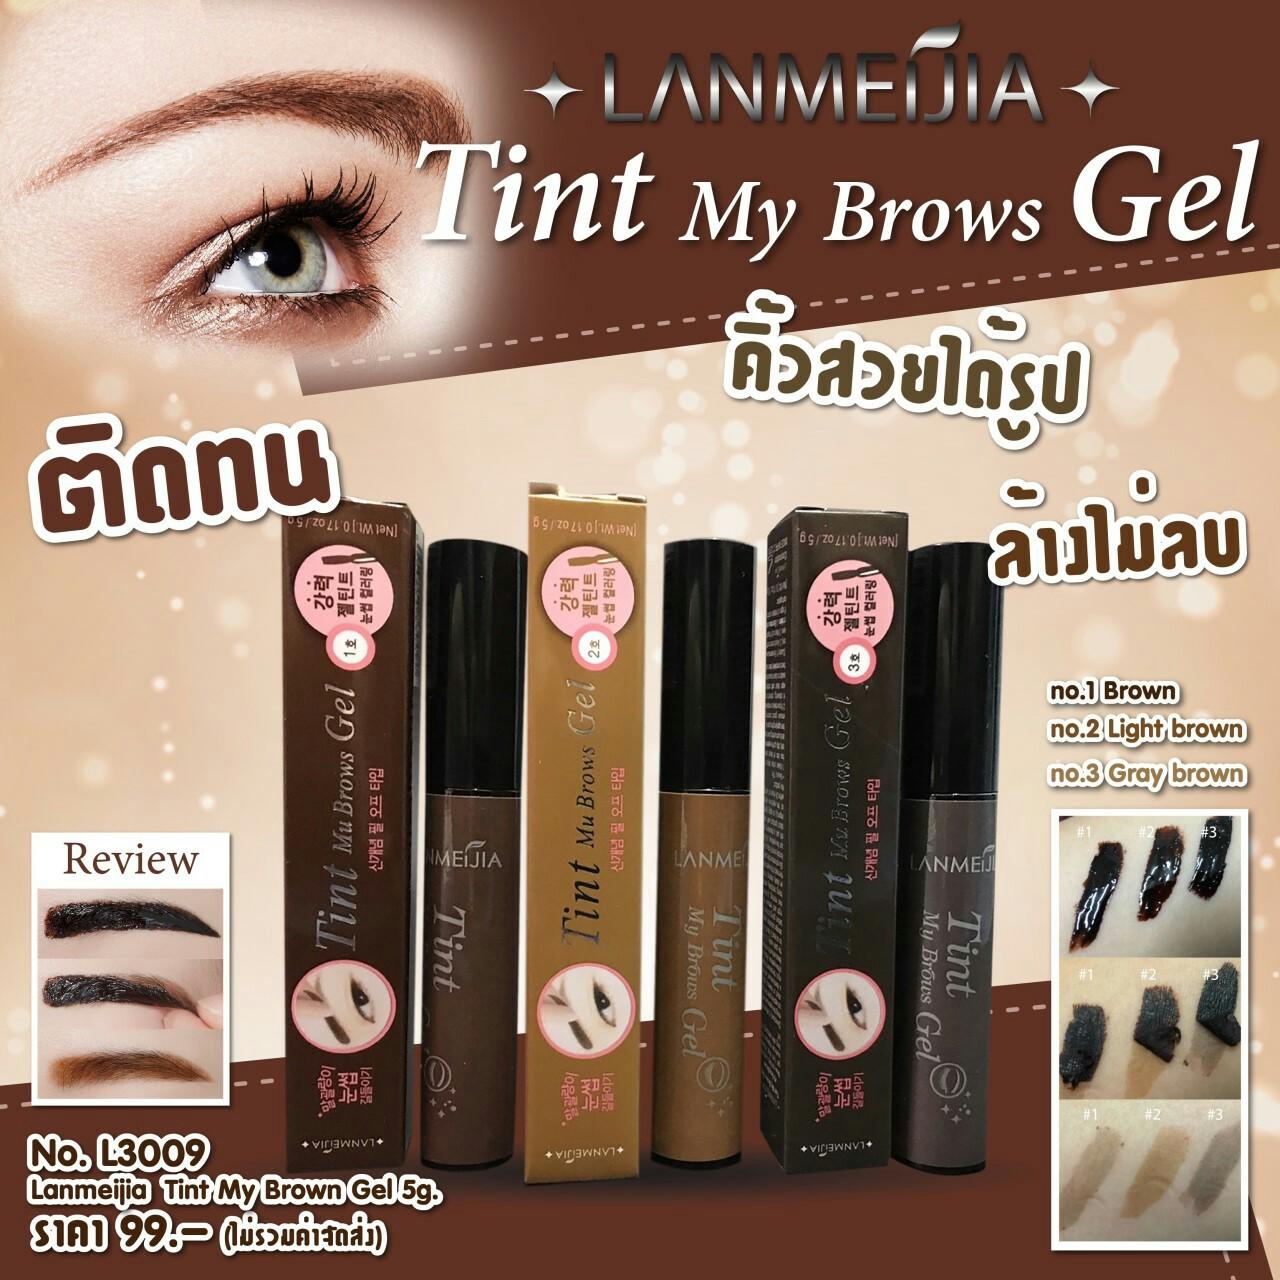 lanmeijia tint my brown gel เจลเขียนคิ้วรูปแบบใหม่ สุดฮิตจากเกาหลี